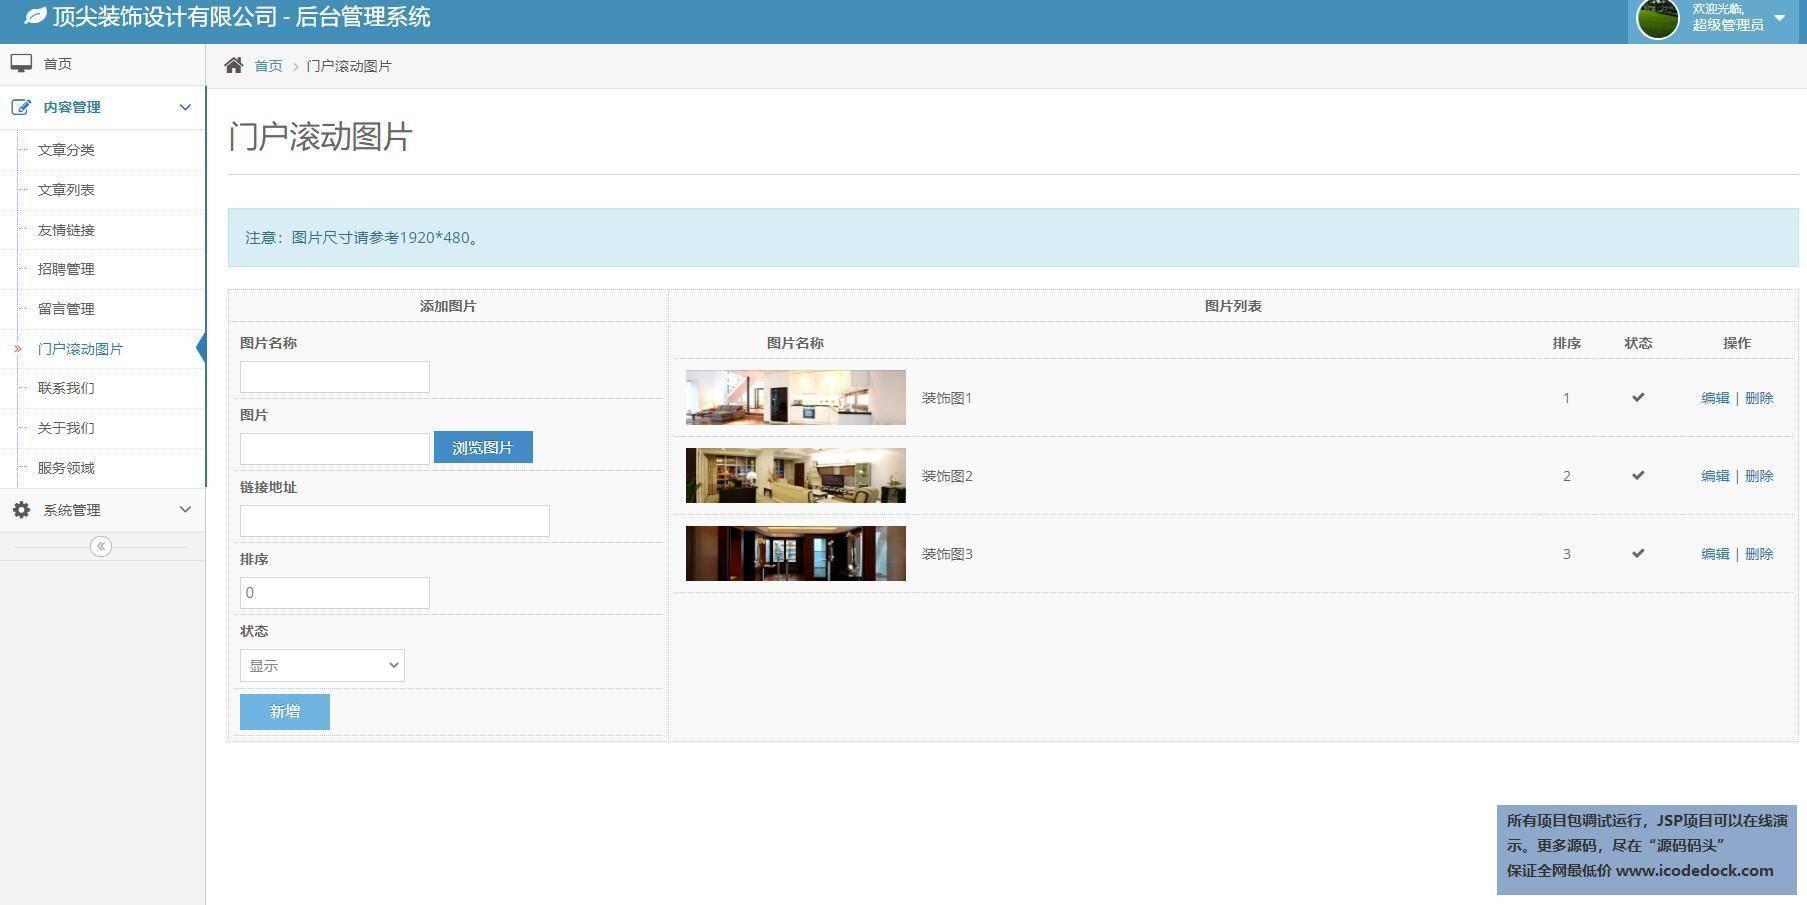 源码码头-SSM企业门户网站-管理员角色-滚动图片管理